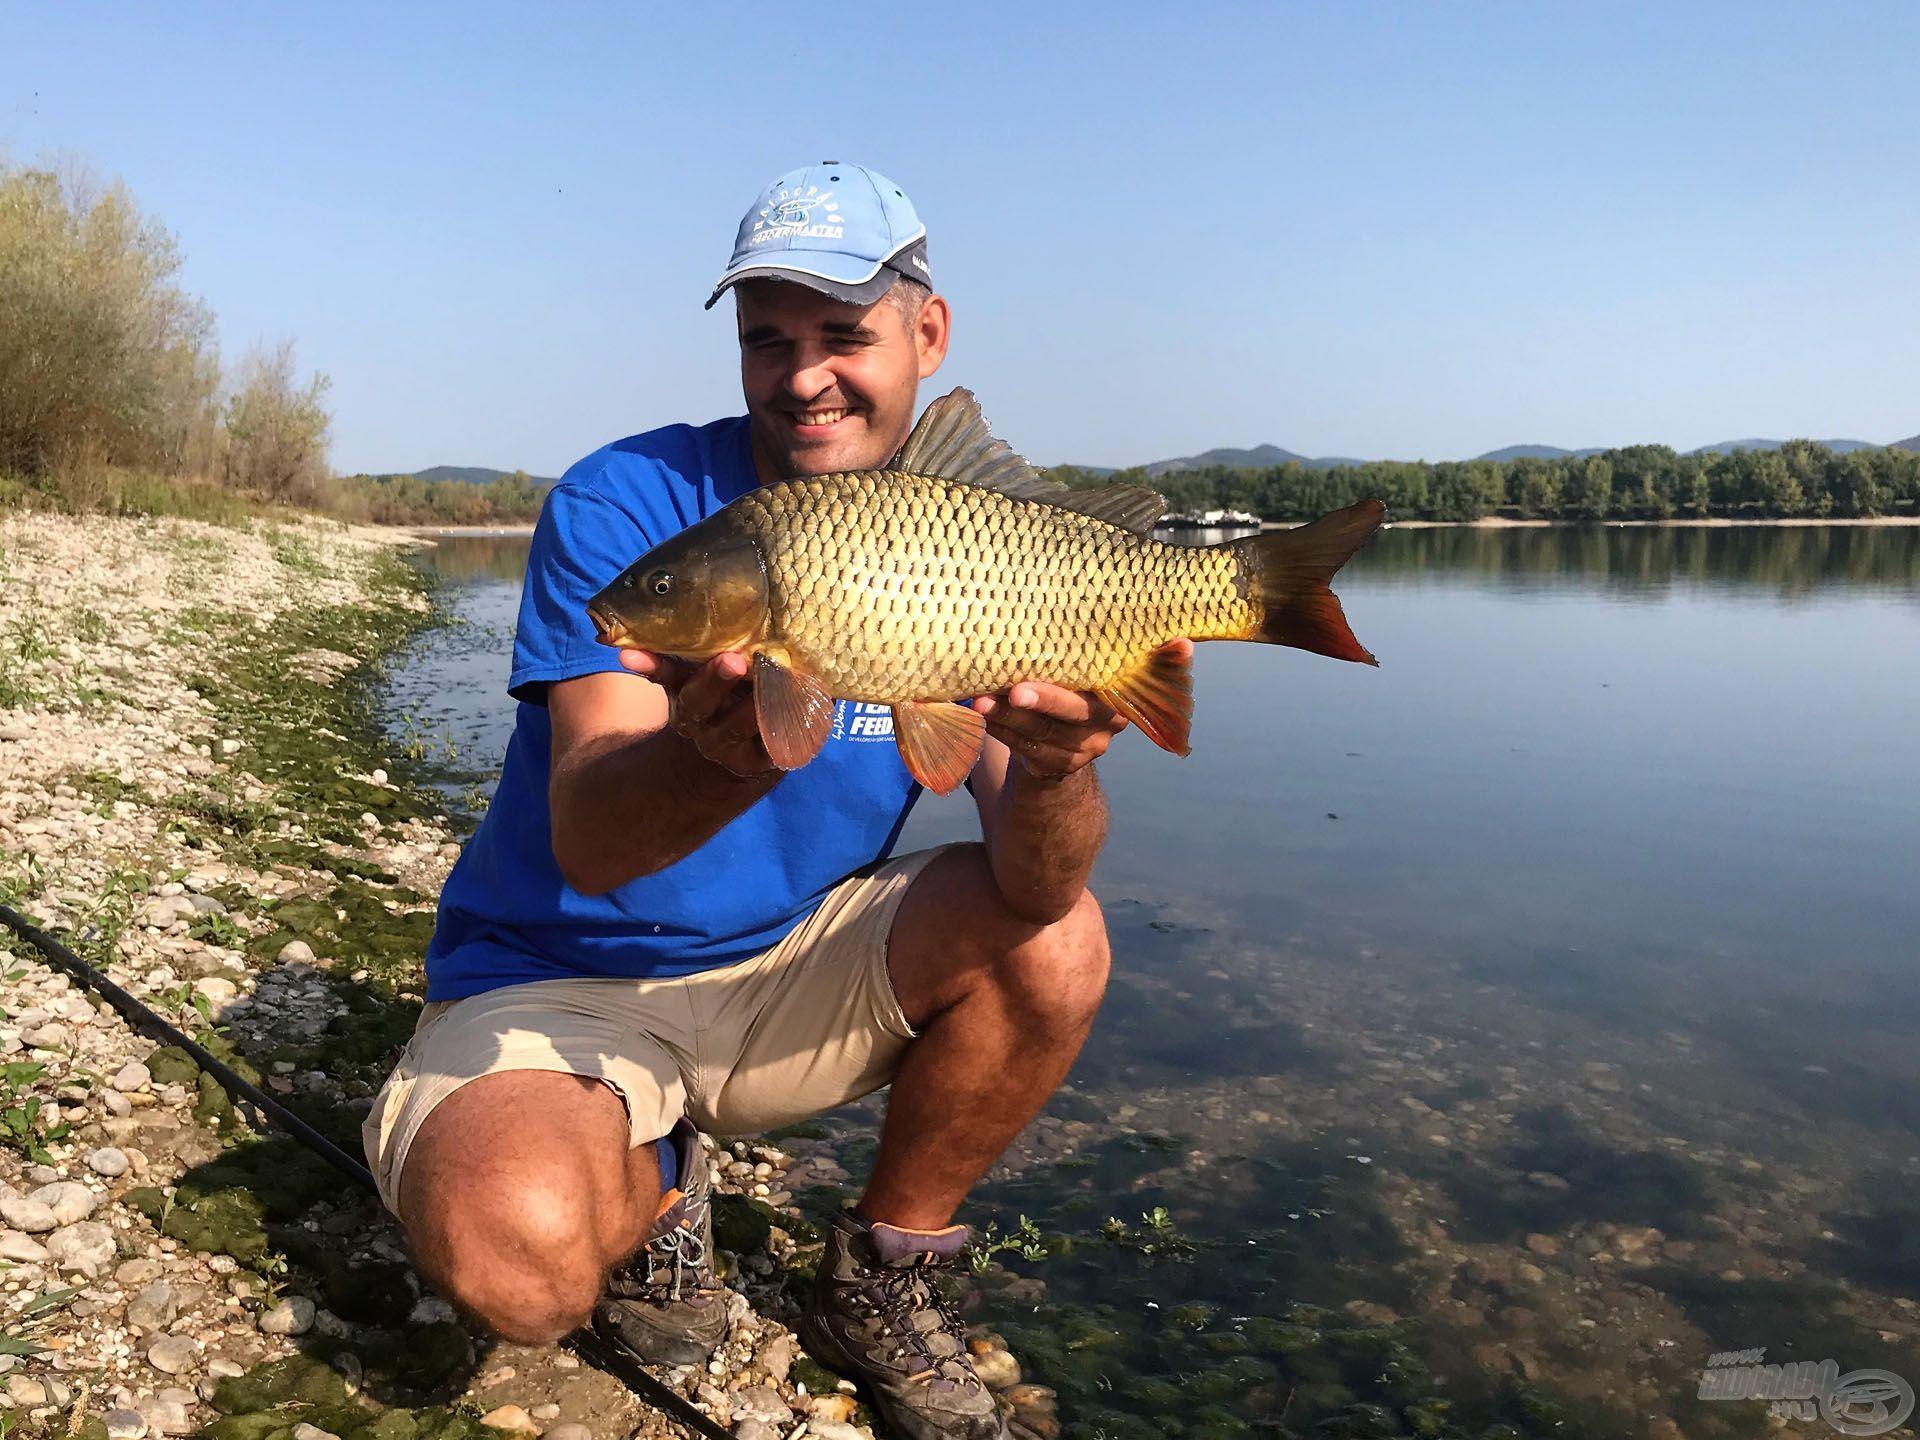 Az ilyen méretű halakra szinte mindig lehet számítani az öbölben…